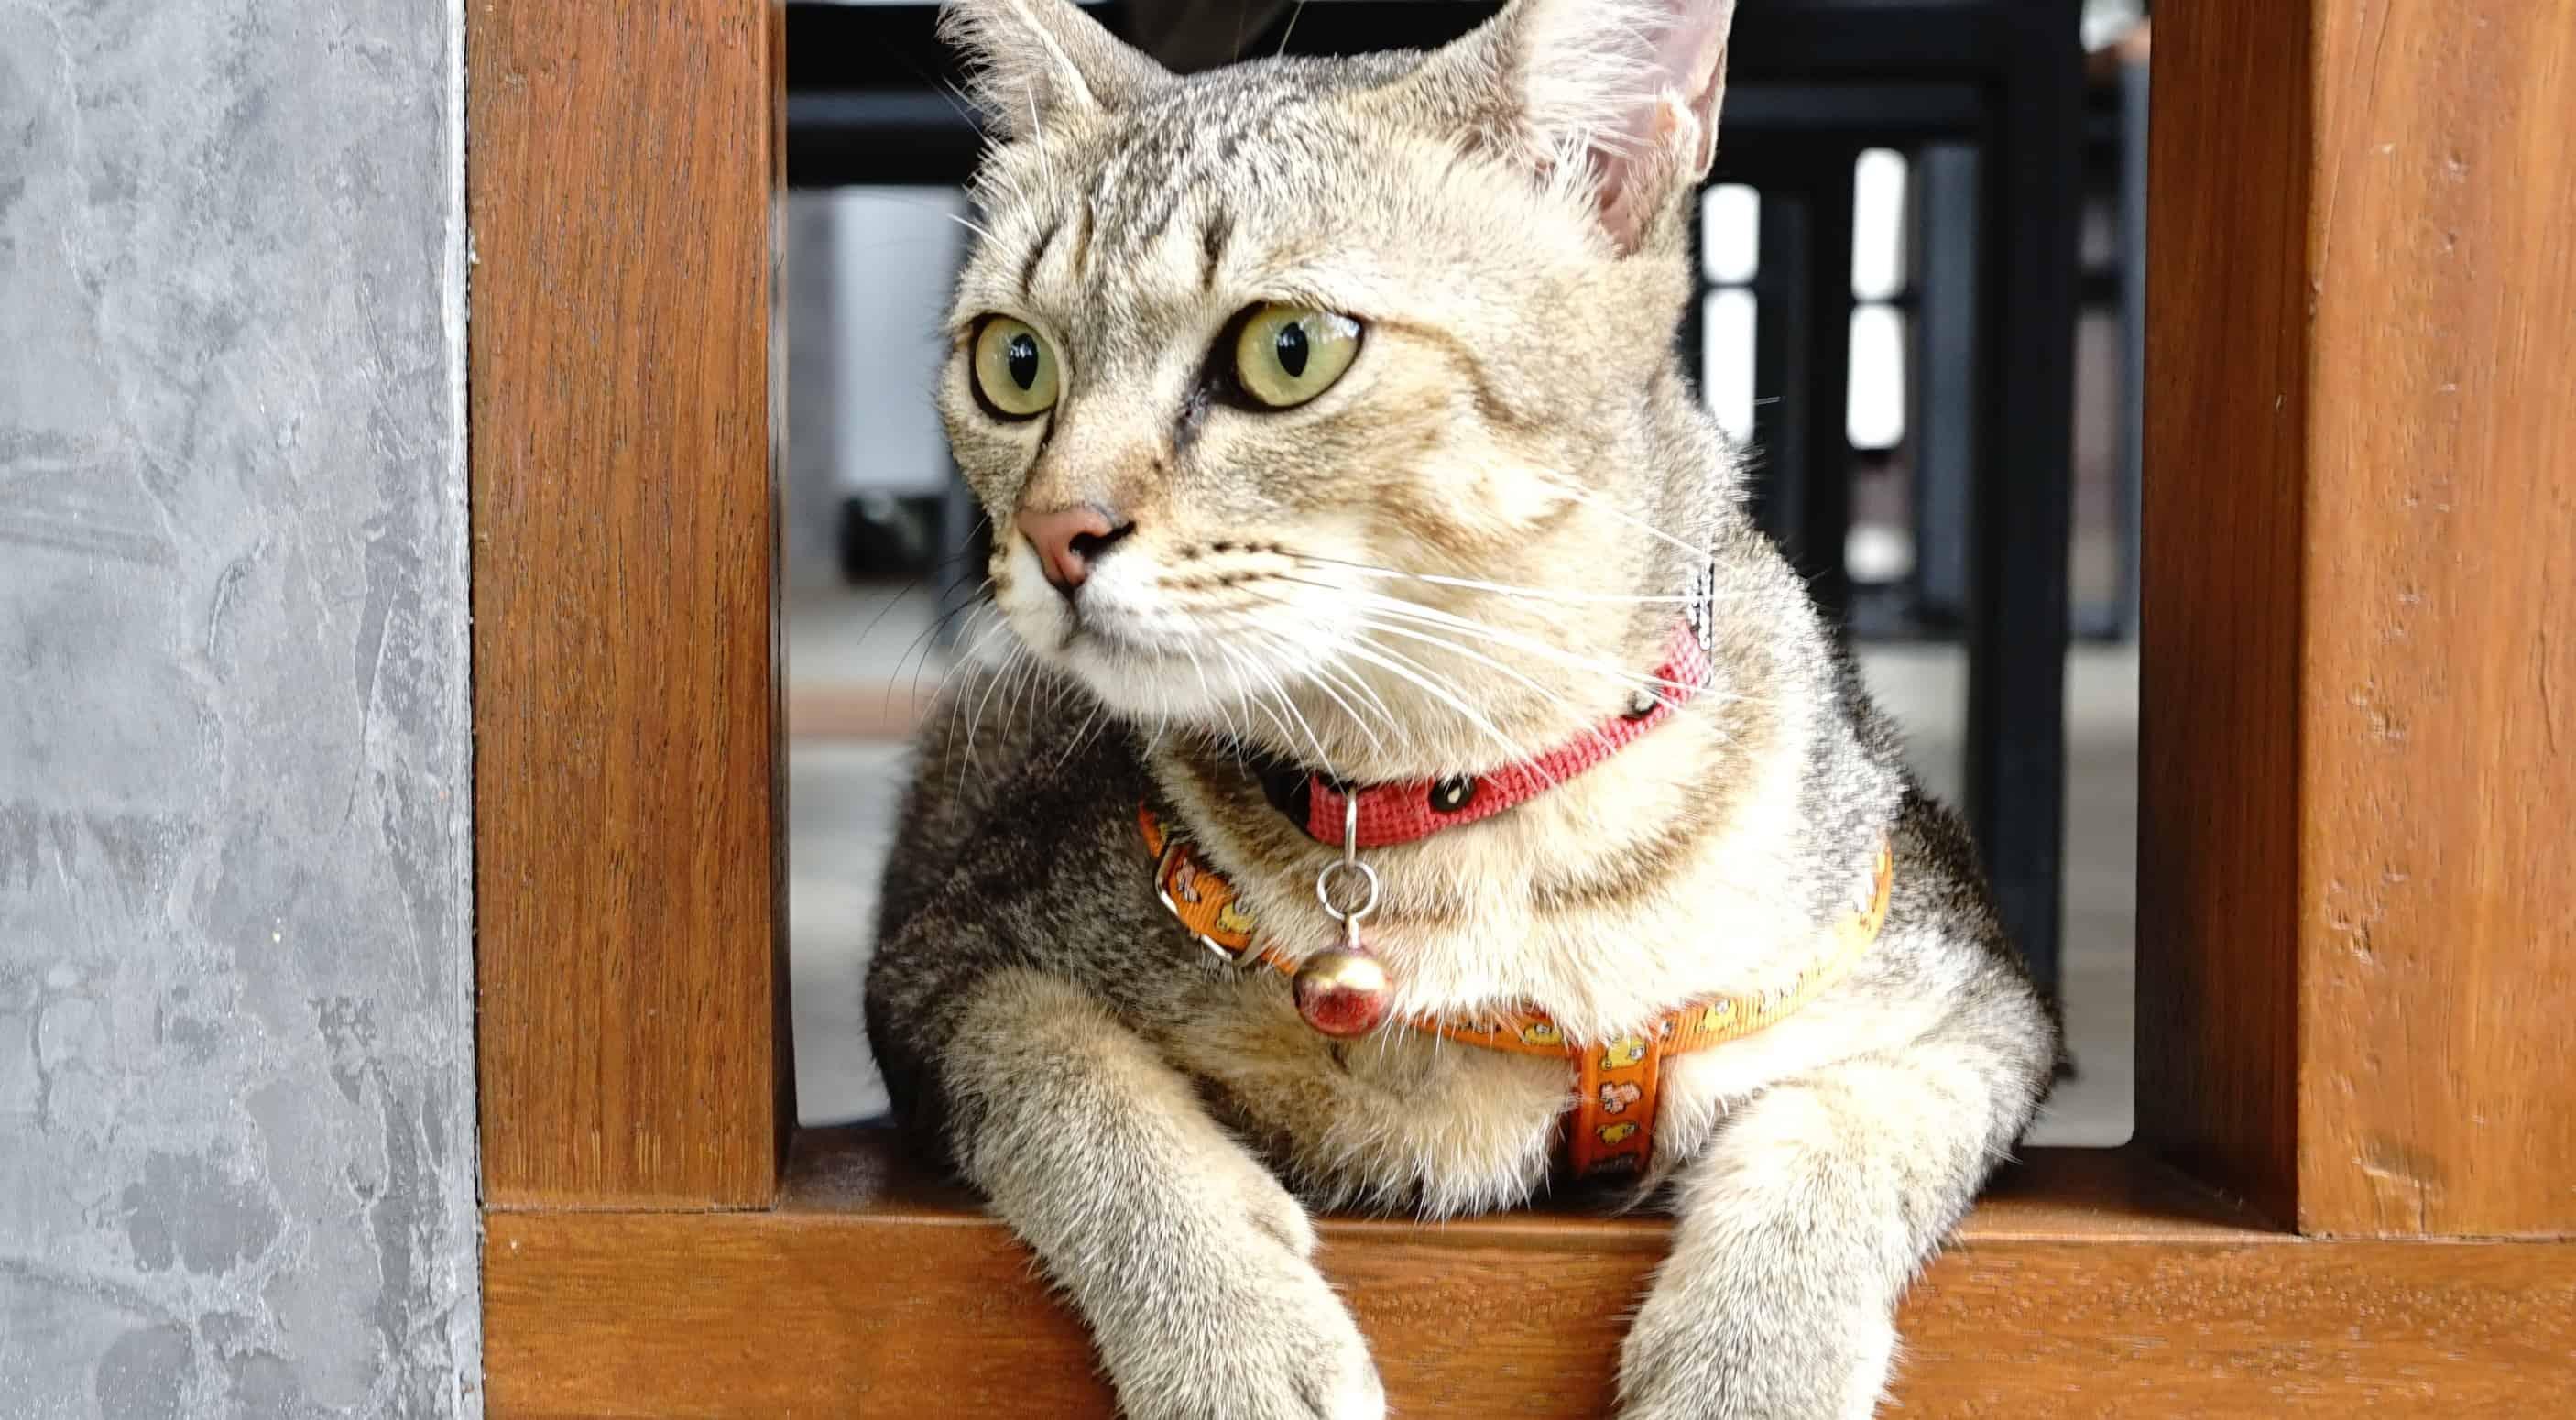 Miglior collare per gatto 2020: Guida all'acquisto